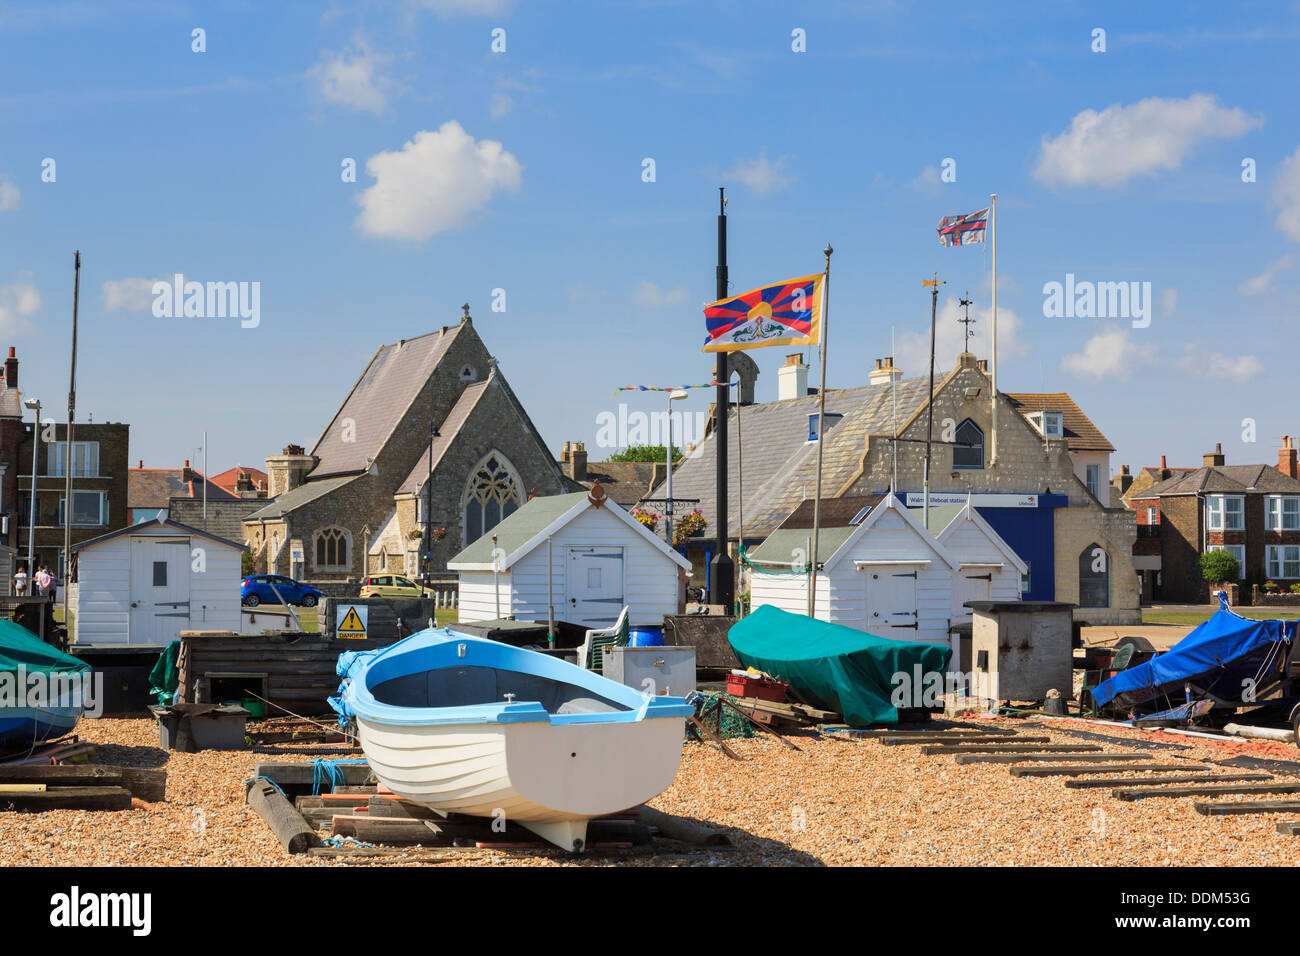 Barche e cabine sulla spiaggia Walmer sulla costa sud a Deal, Kent, Inghilterra, Regno Unito, Gran Bretagna Immagini Stock